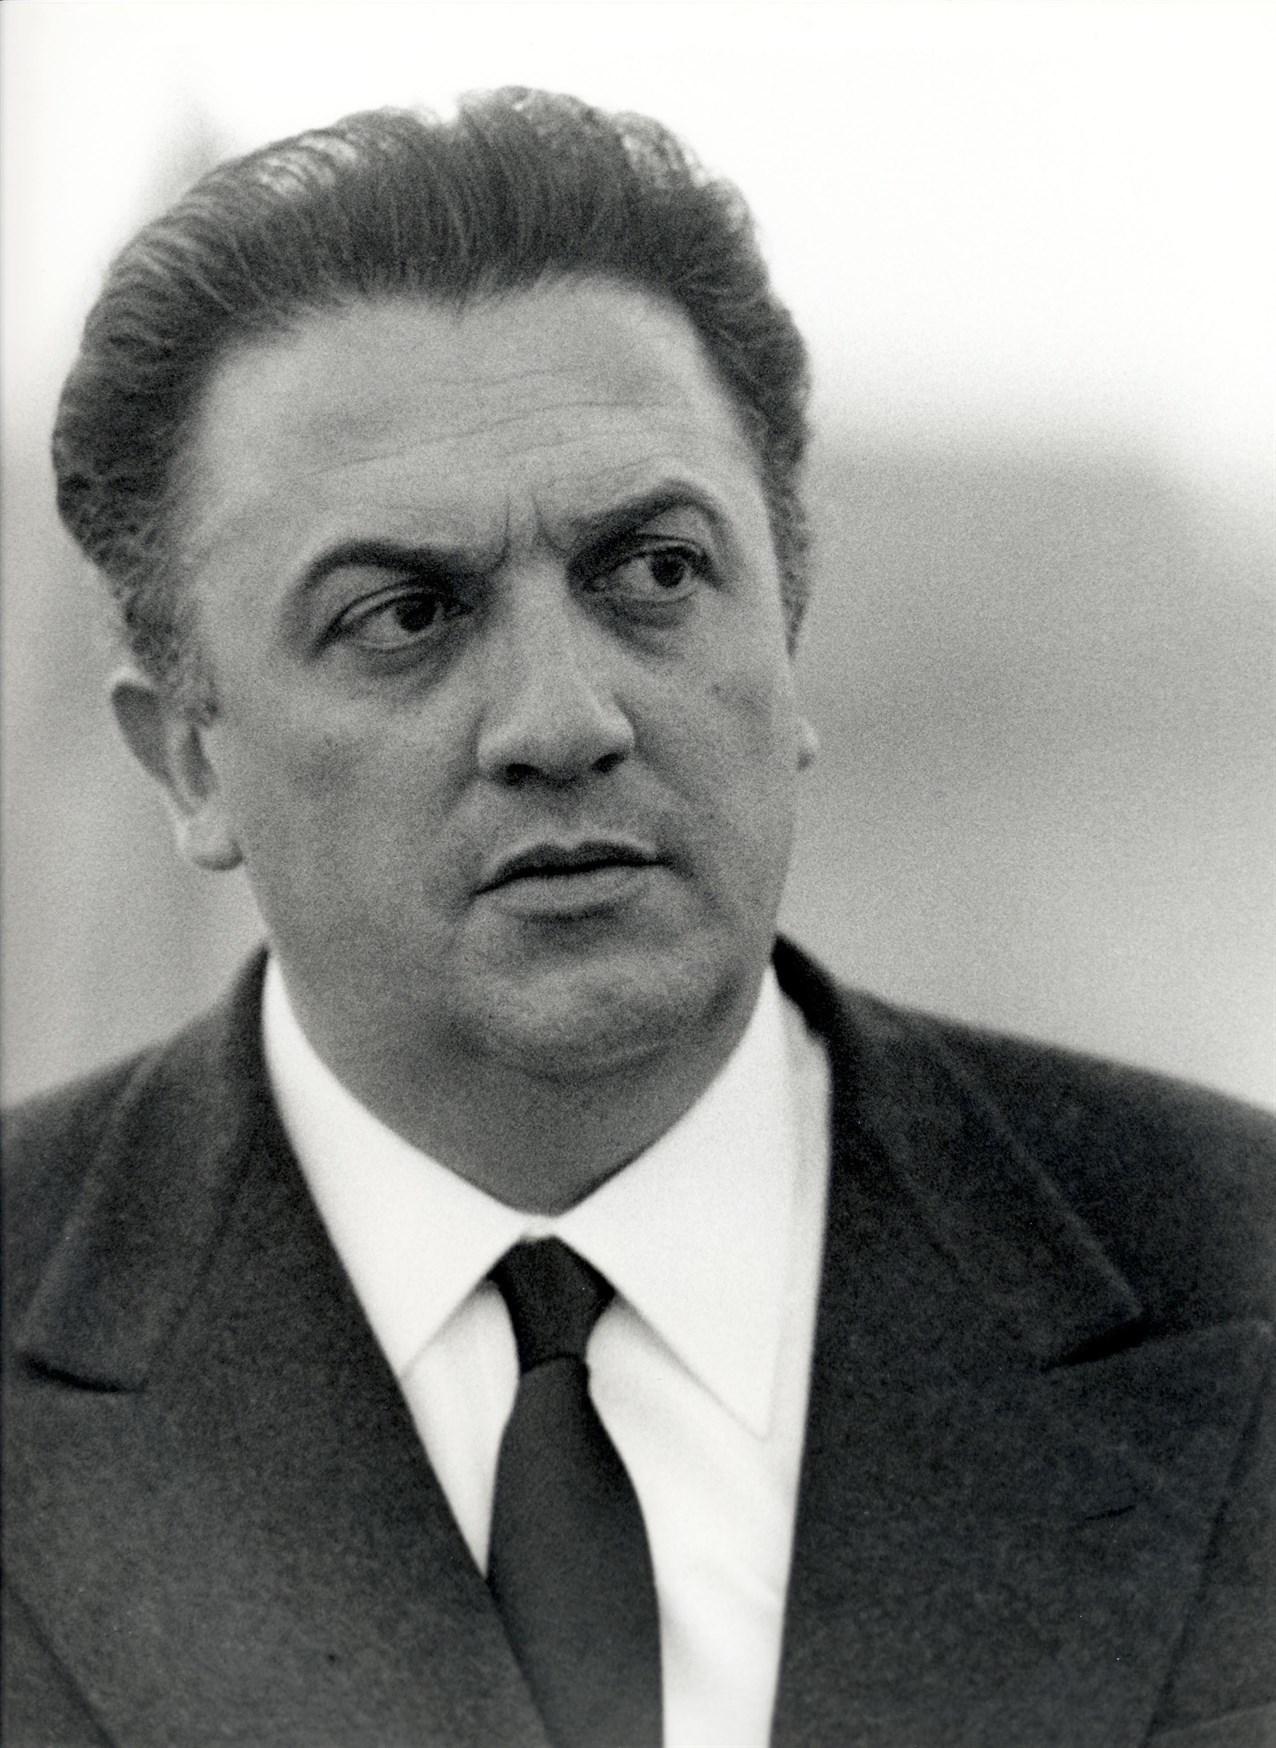 Αποτέλεσμα εικόνας για Fellini